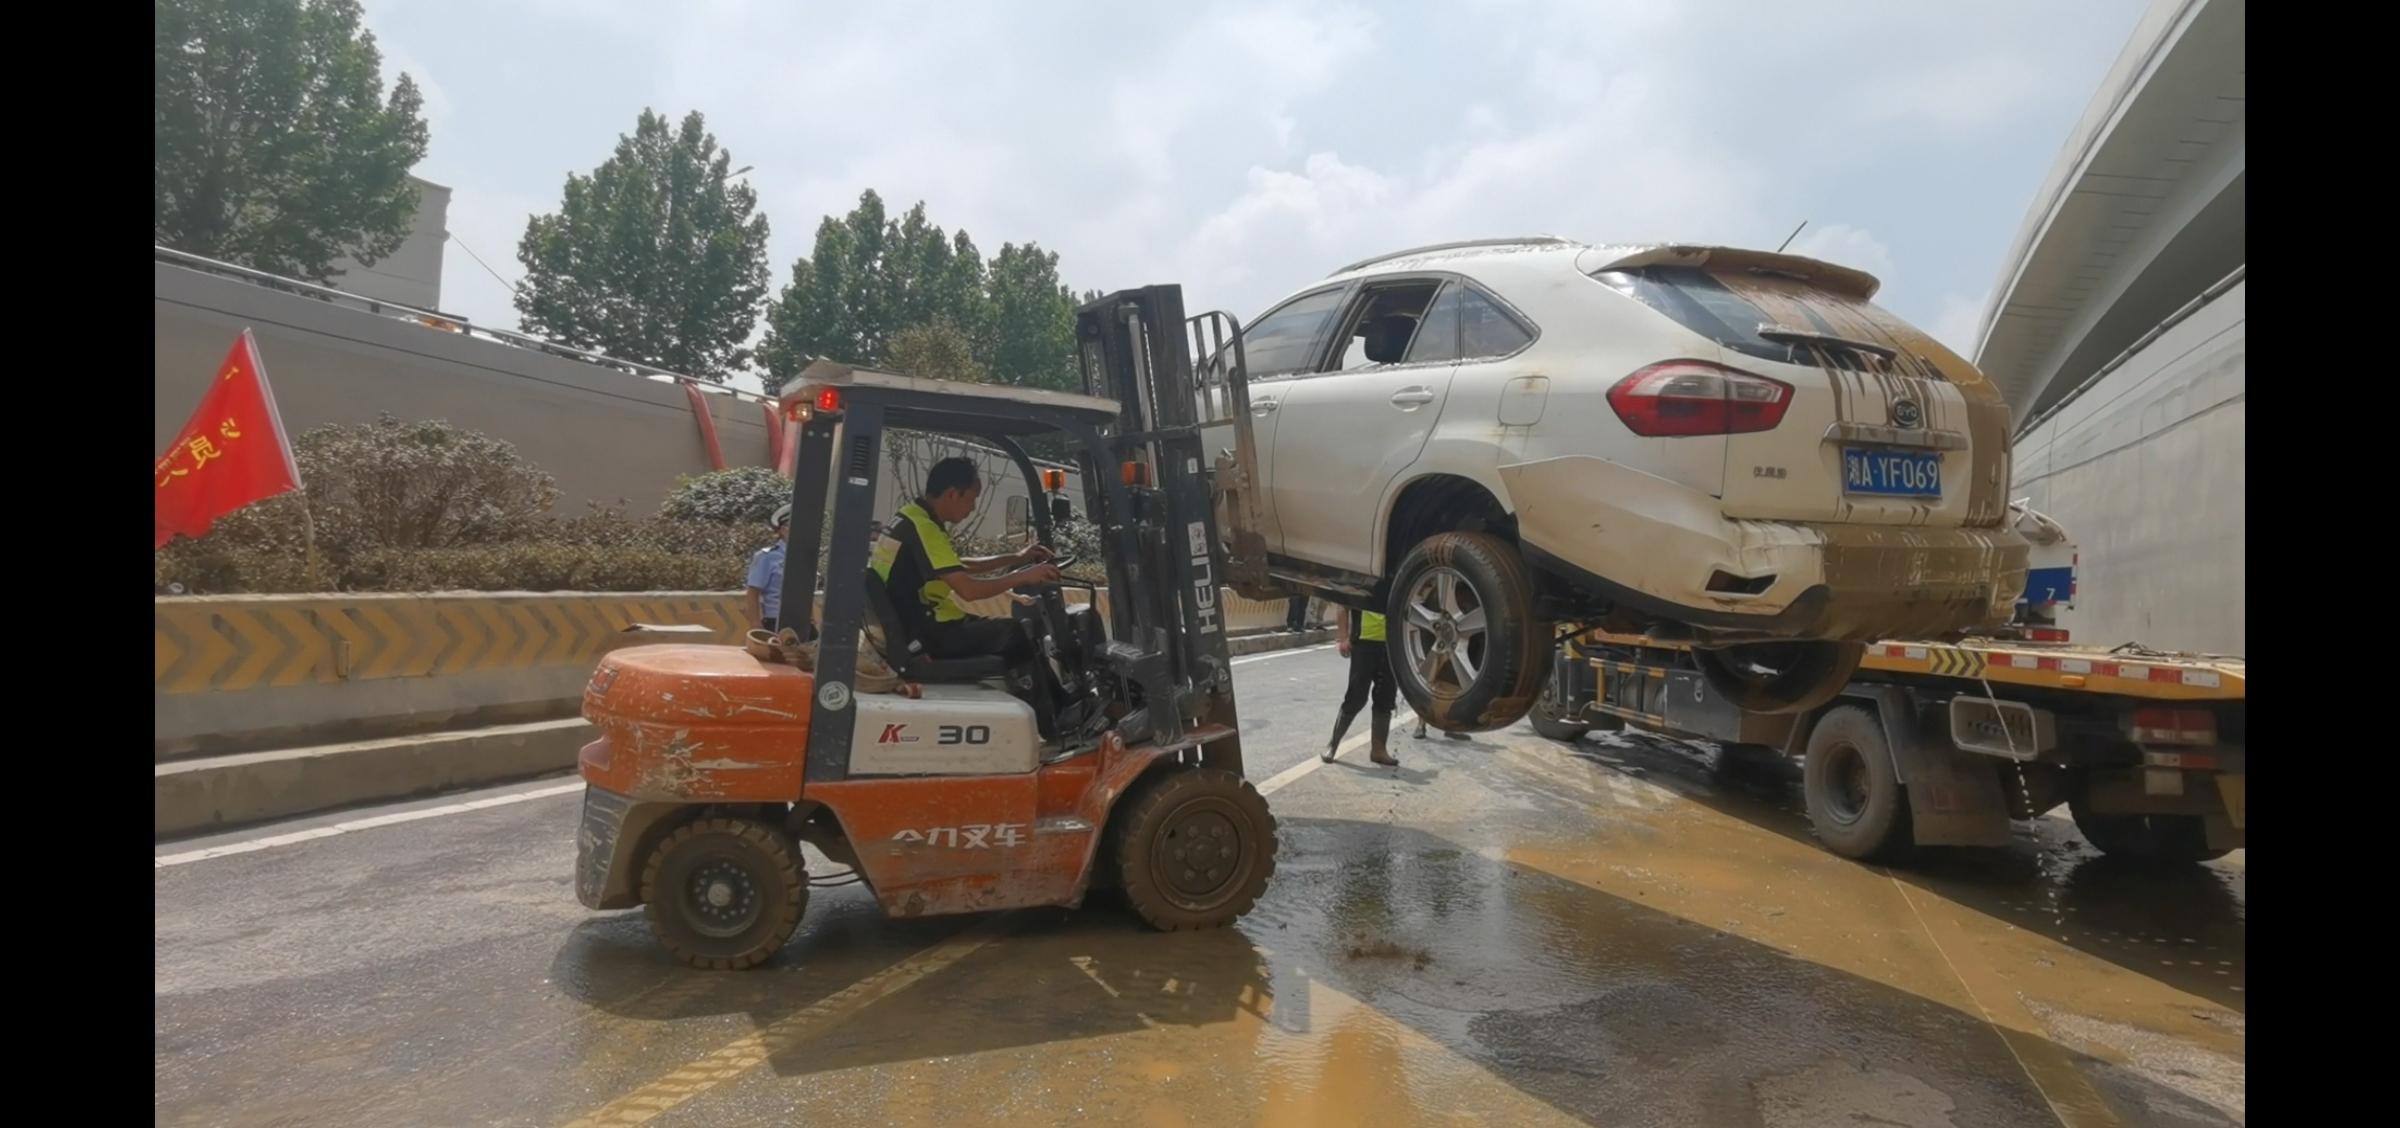 :7月24日上午11点,抢险人员正在将车辆叉到拖车上。